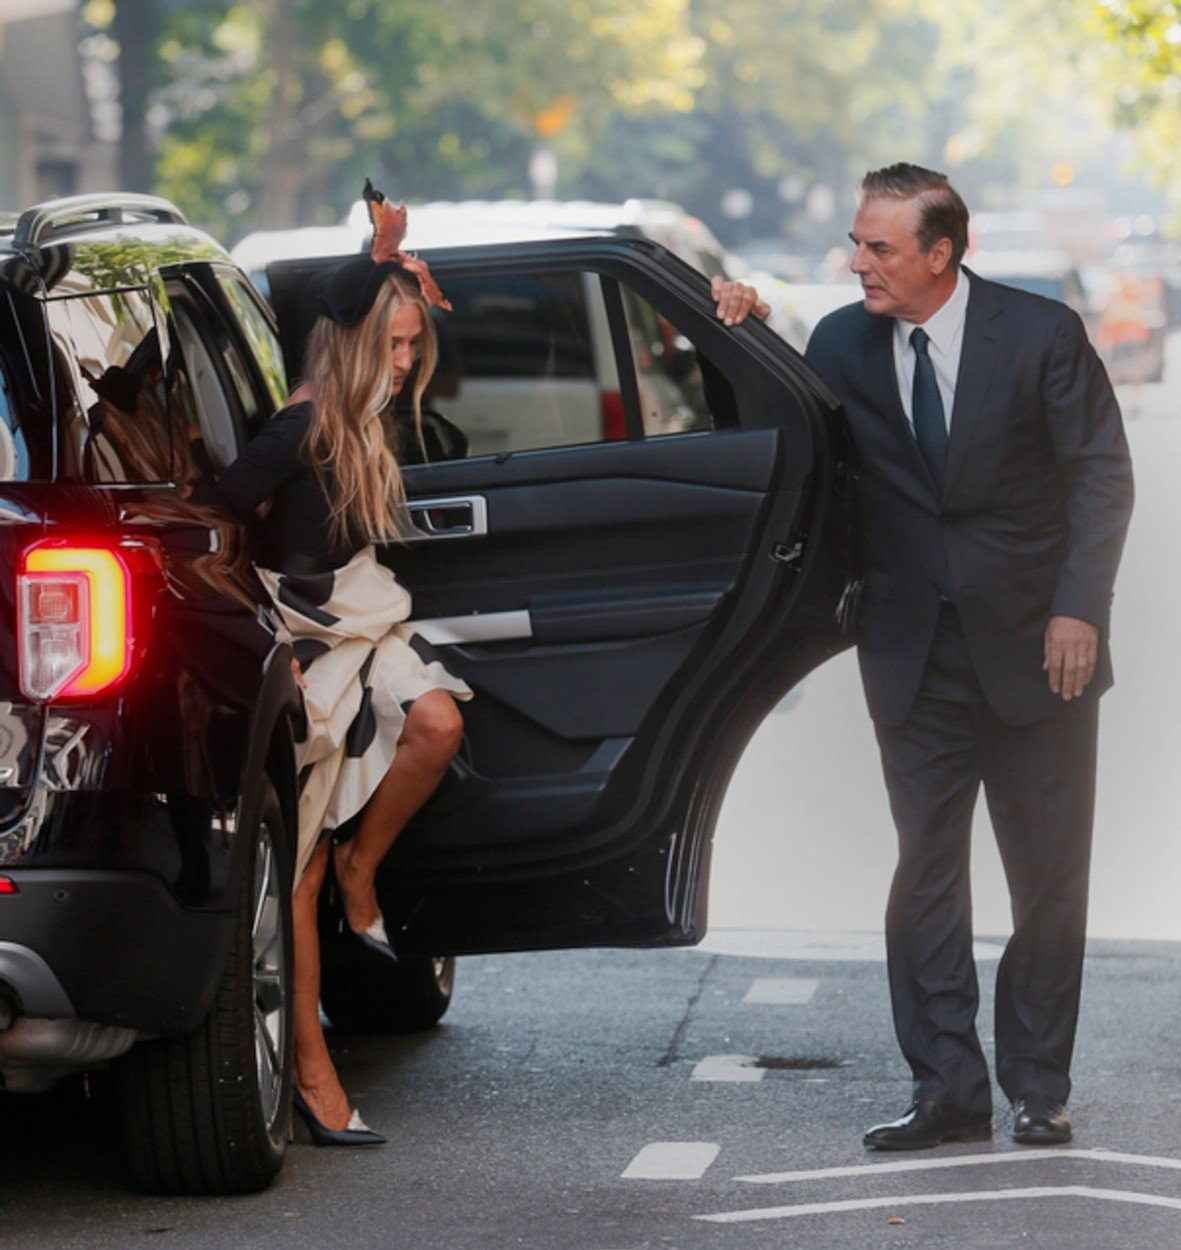 Setkání, na které všichni čekali: Carrie Bradshaw a Božský opět spolu